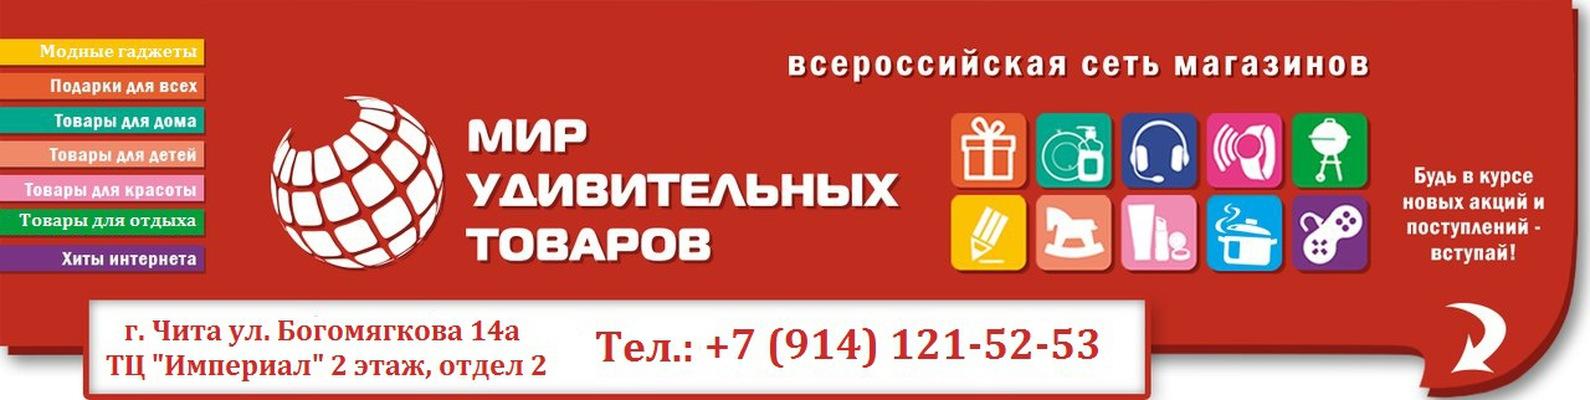 c2c05e102107 Мир удивительных товаров - Чита   ВКонтакте